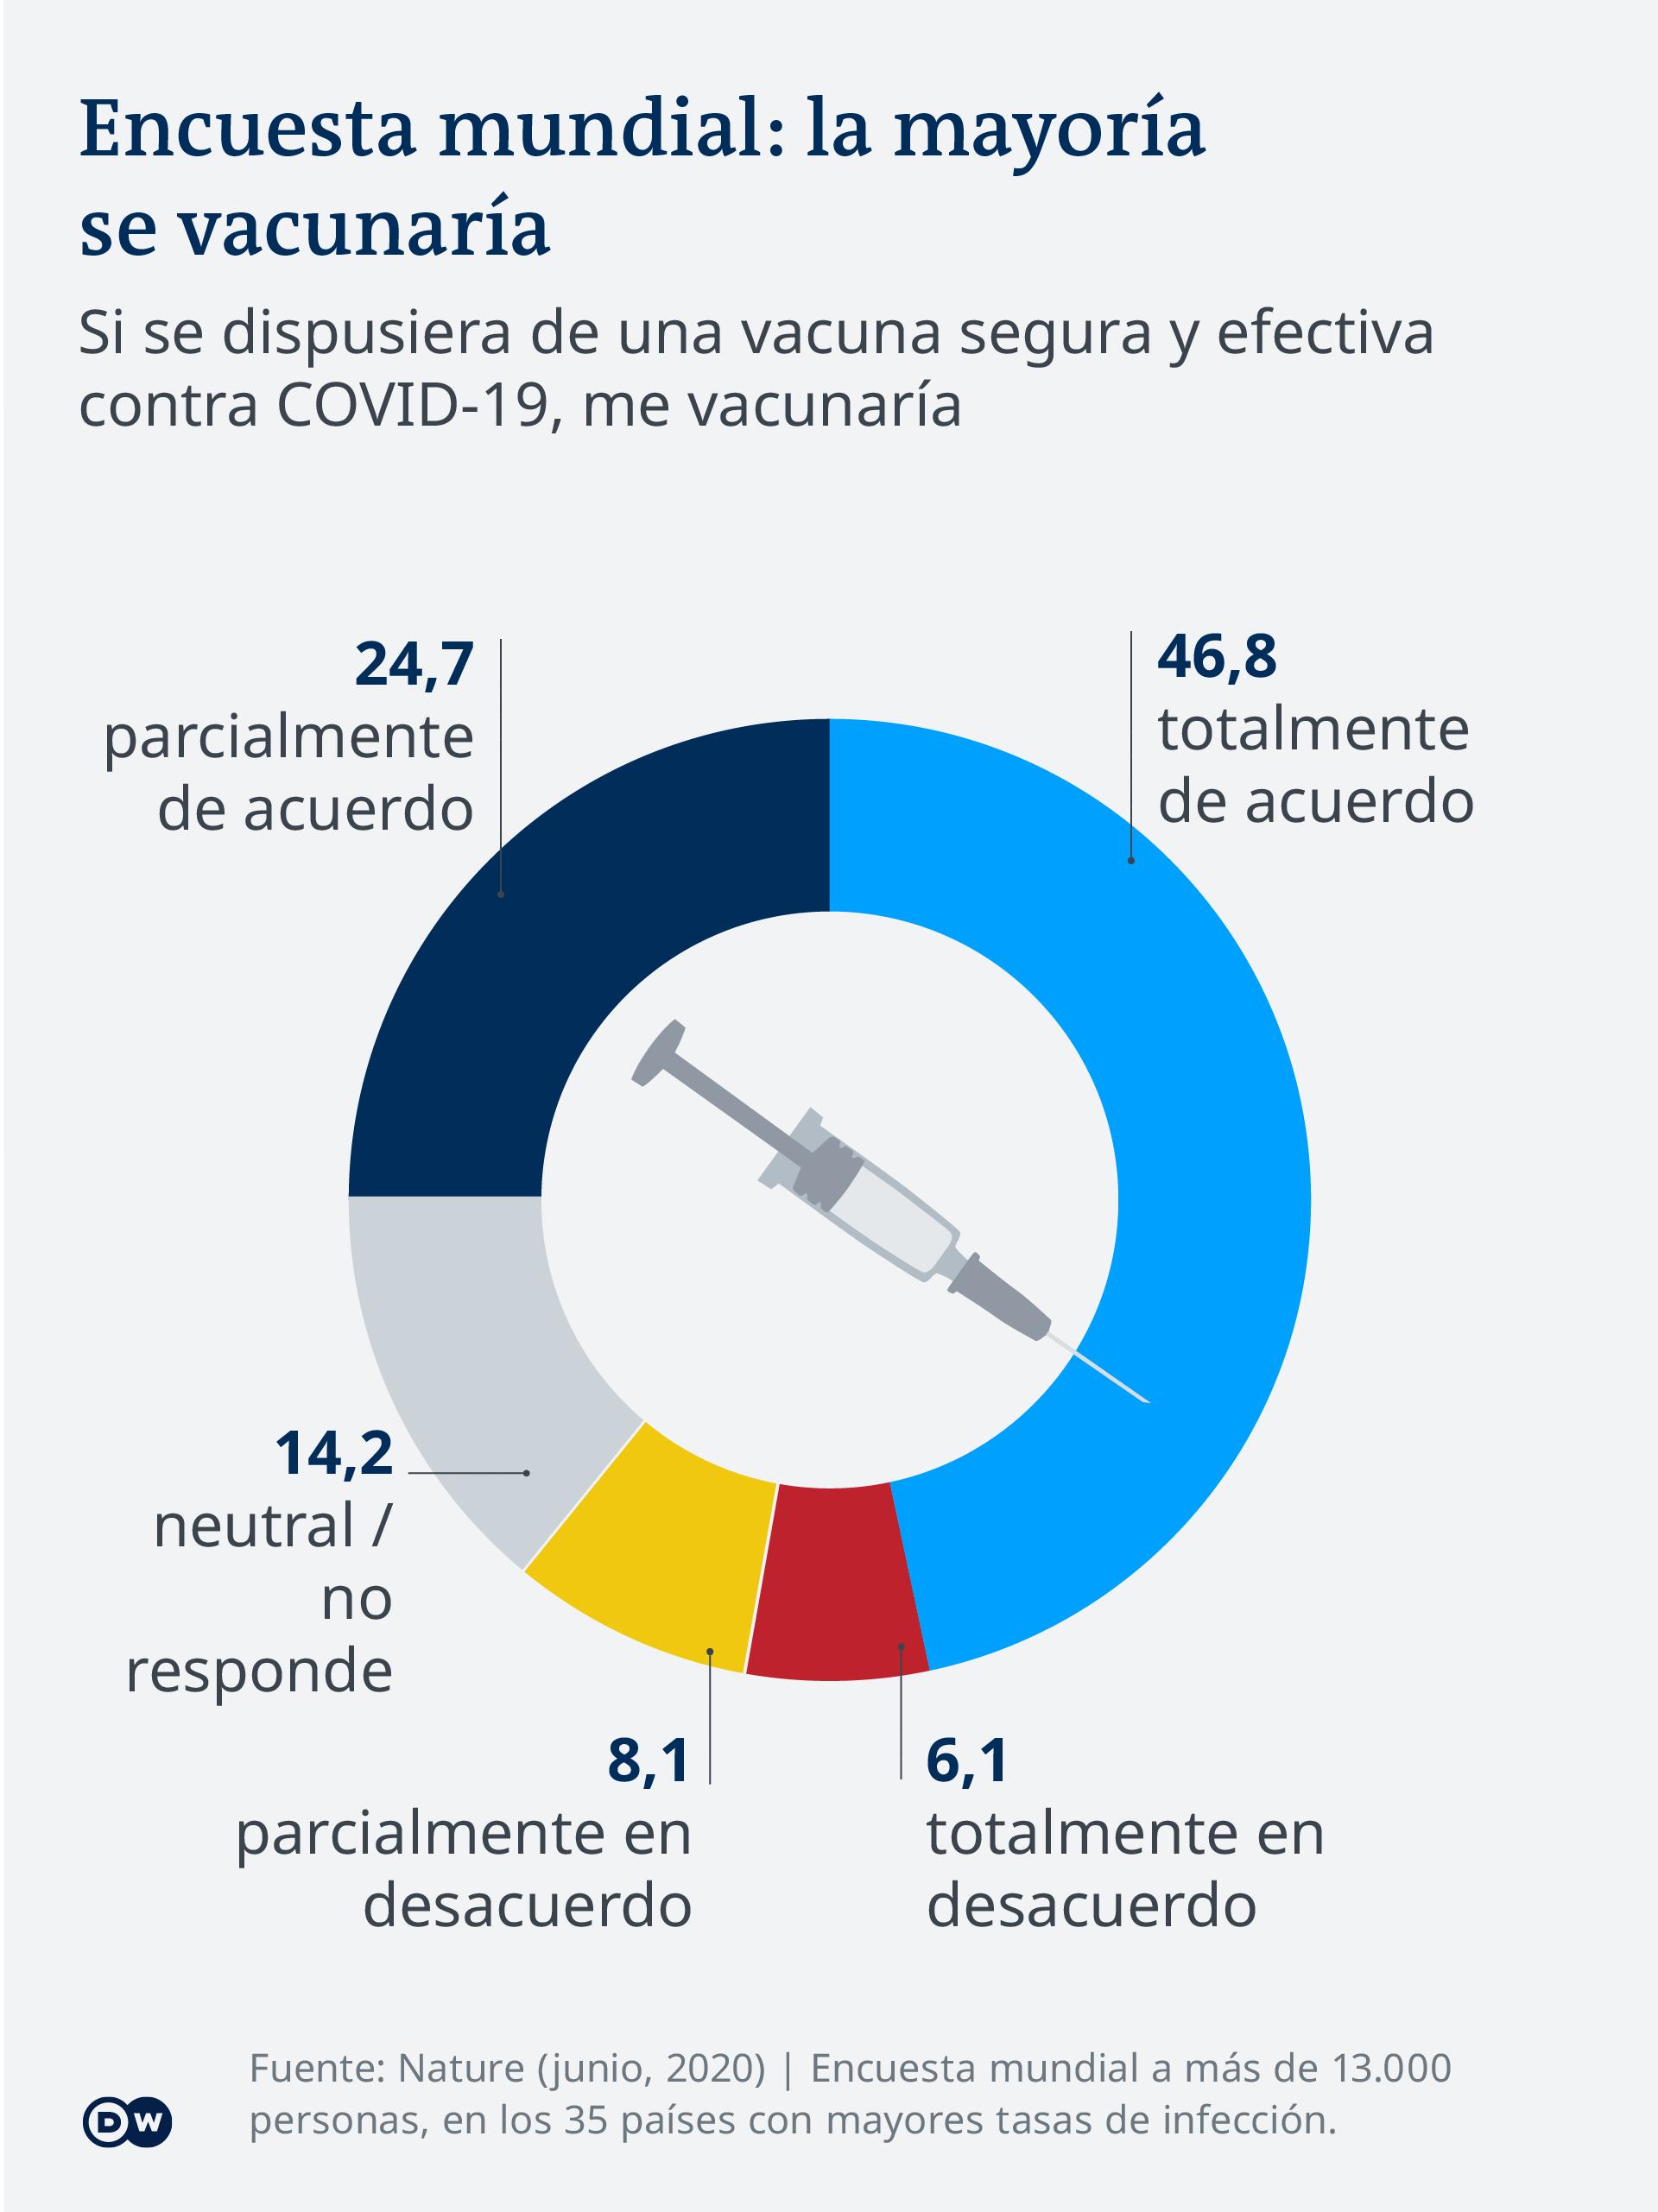 COVID-19 vaccine tracker - Spanish - encuesta